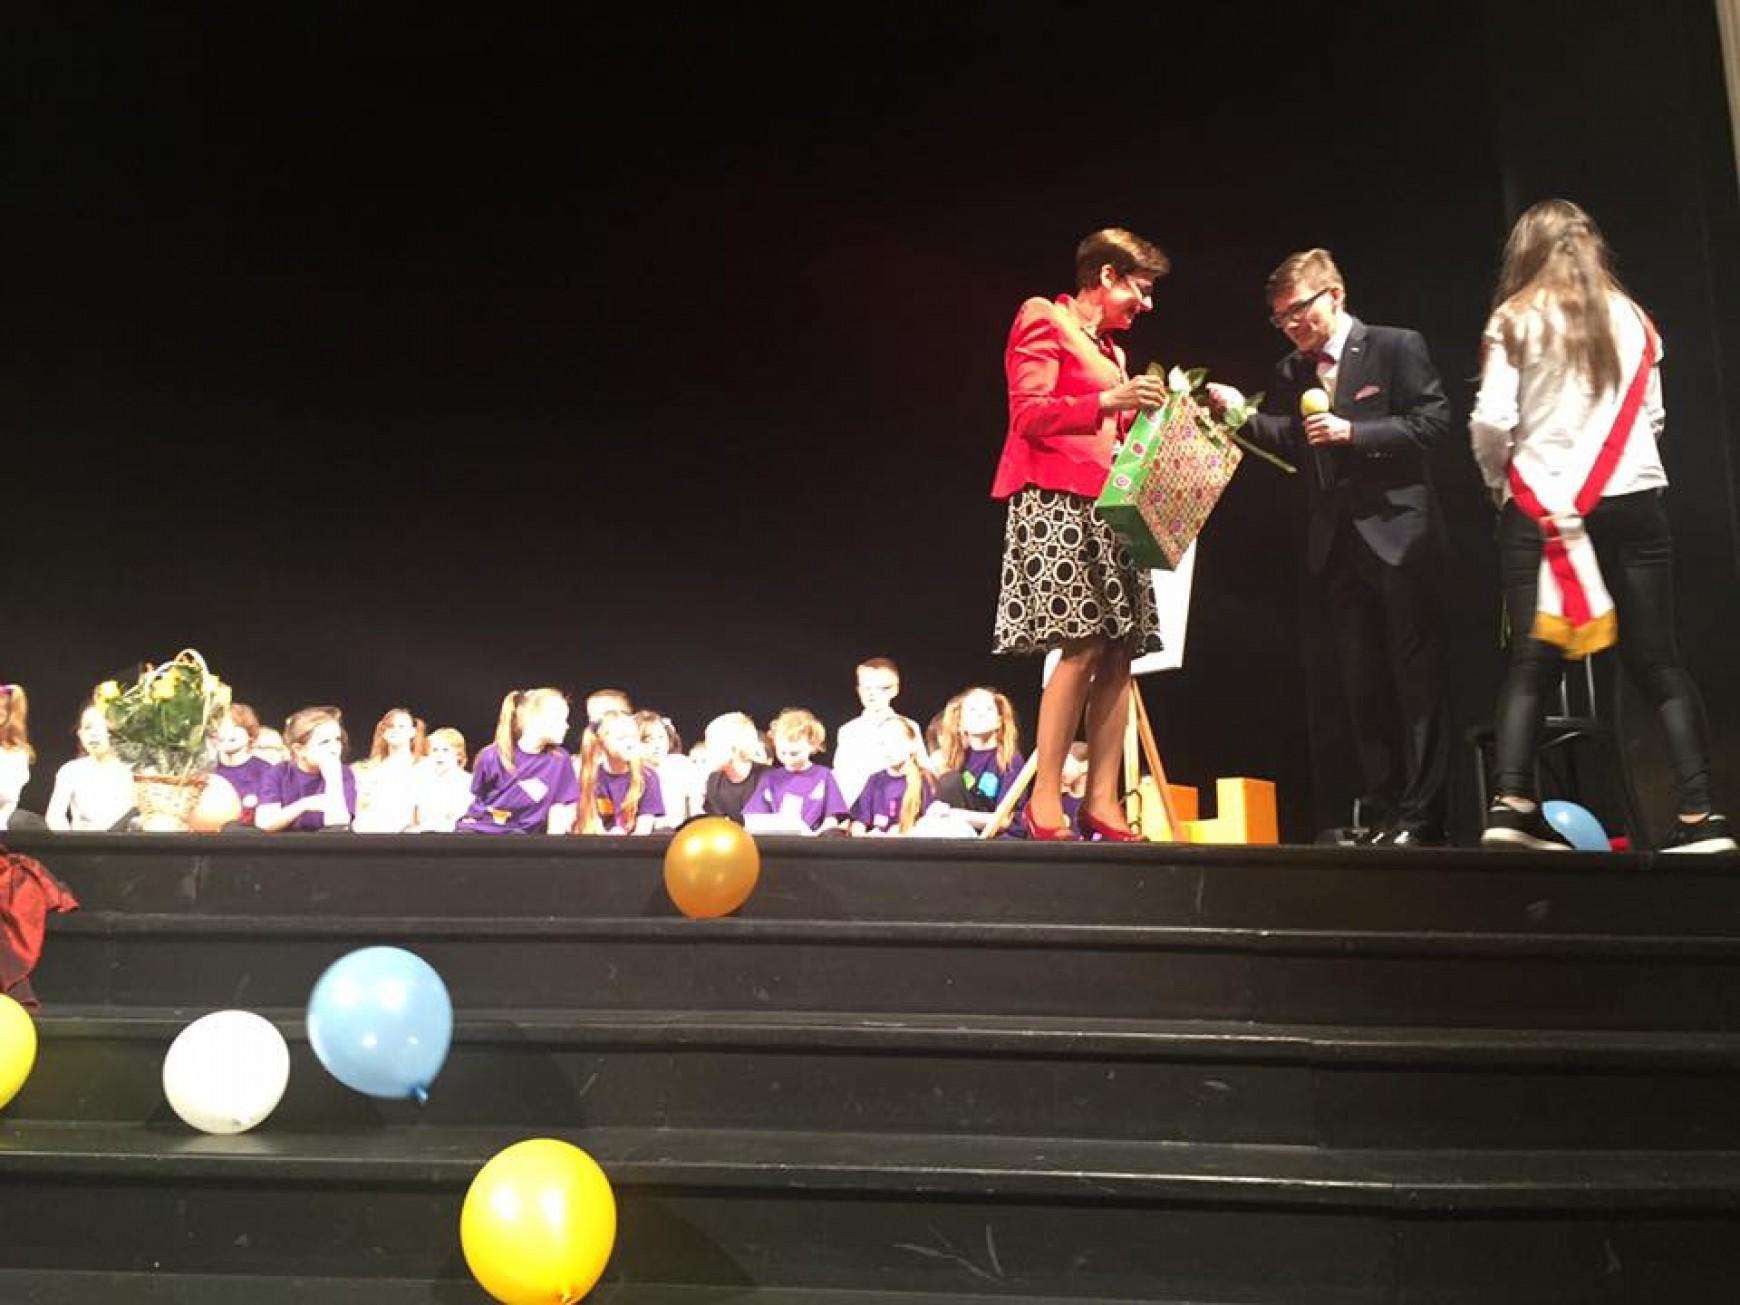 Szkoła Podstawowa nr 8 z Zabrza świętowała swoje 130-lecie